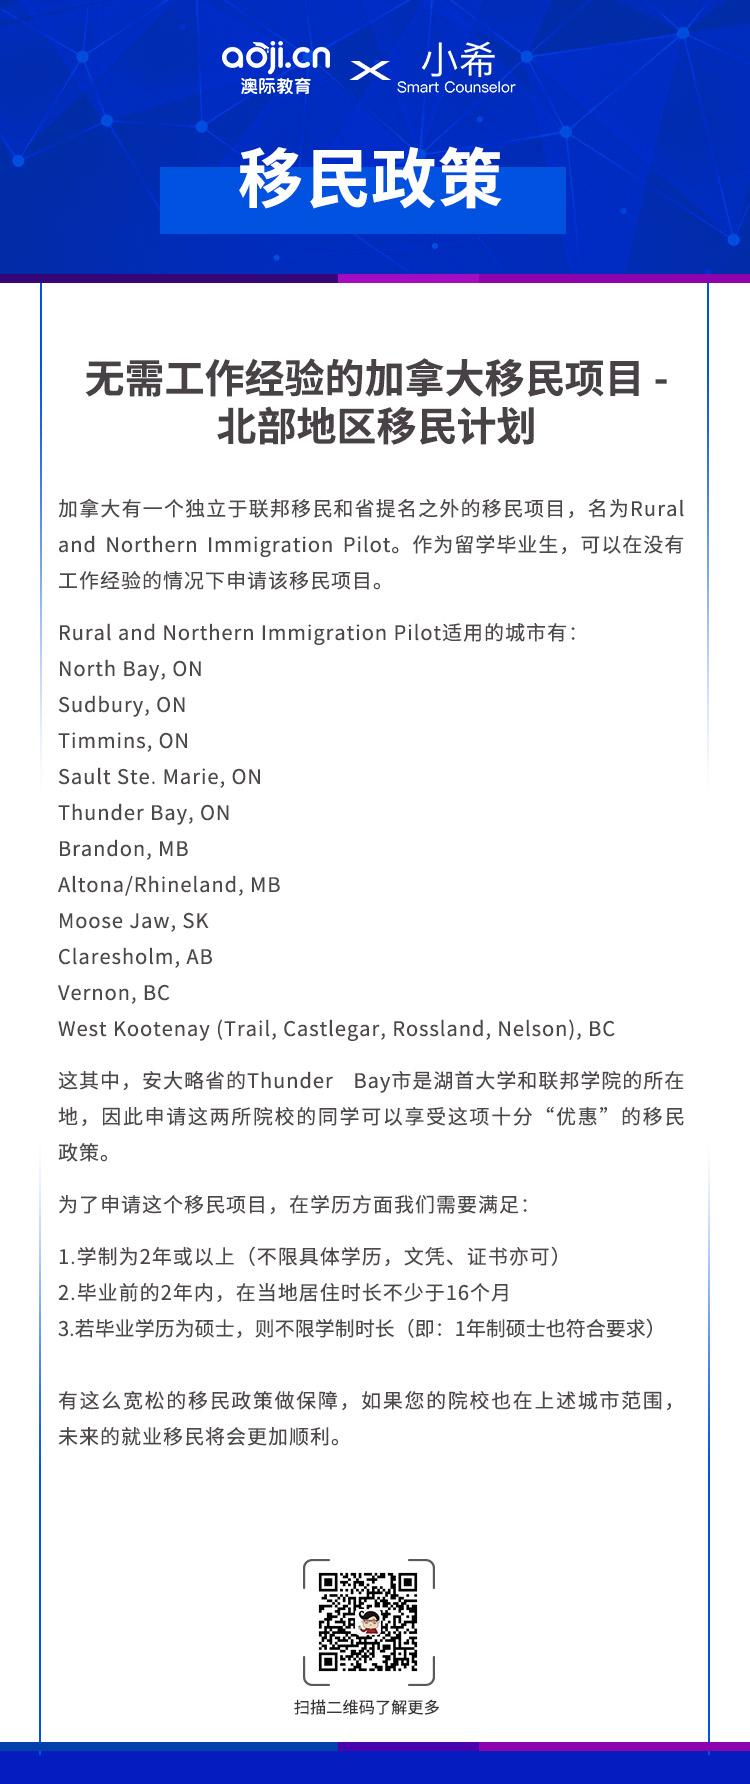 無需工作經驗的加拿大移民項目 - 北部地區移民計劃